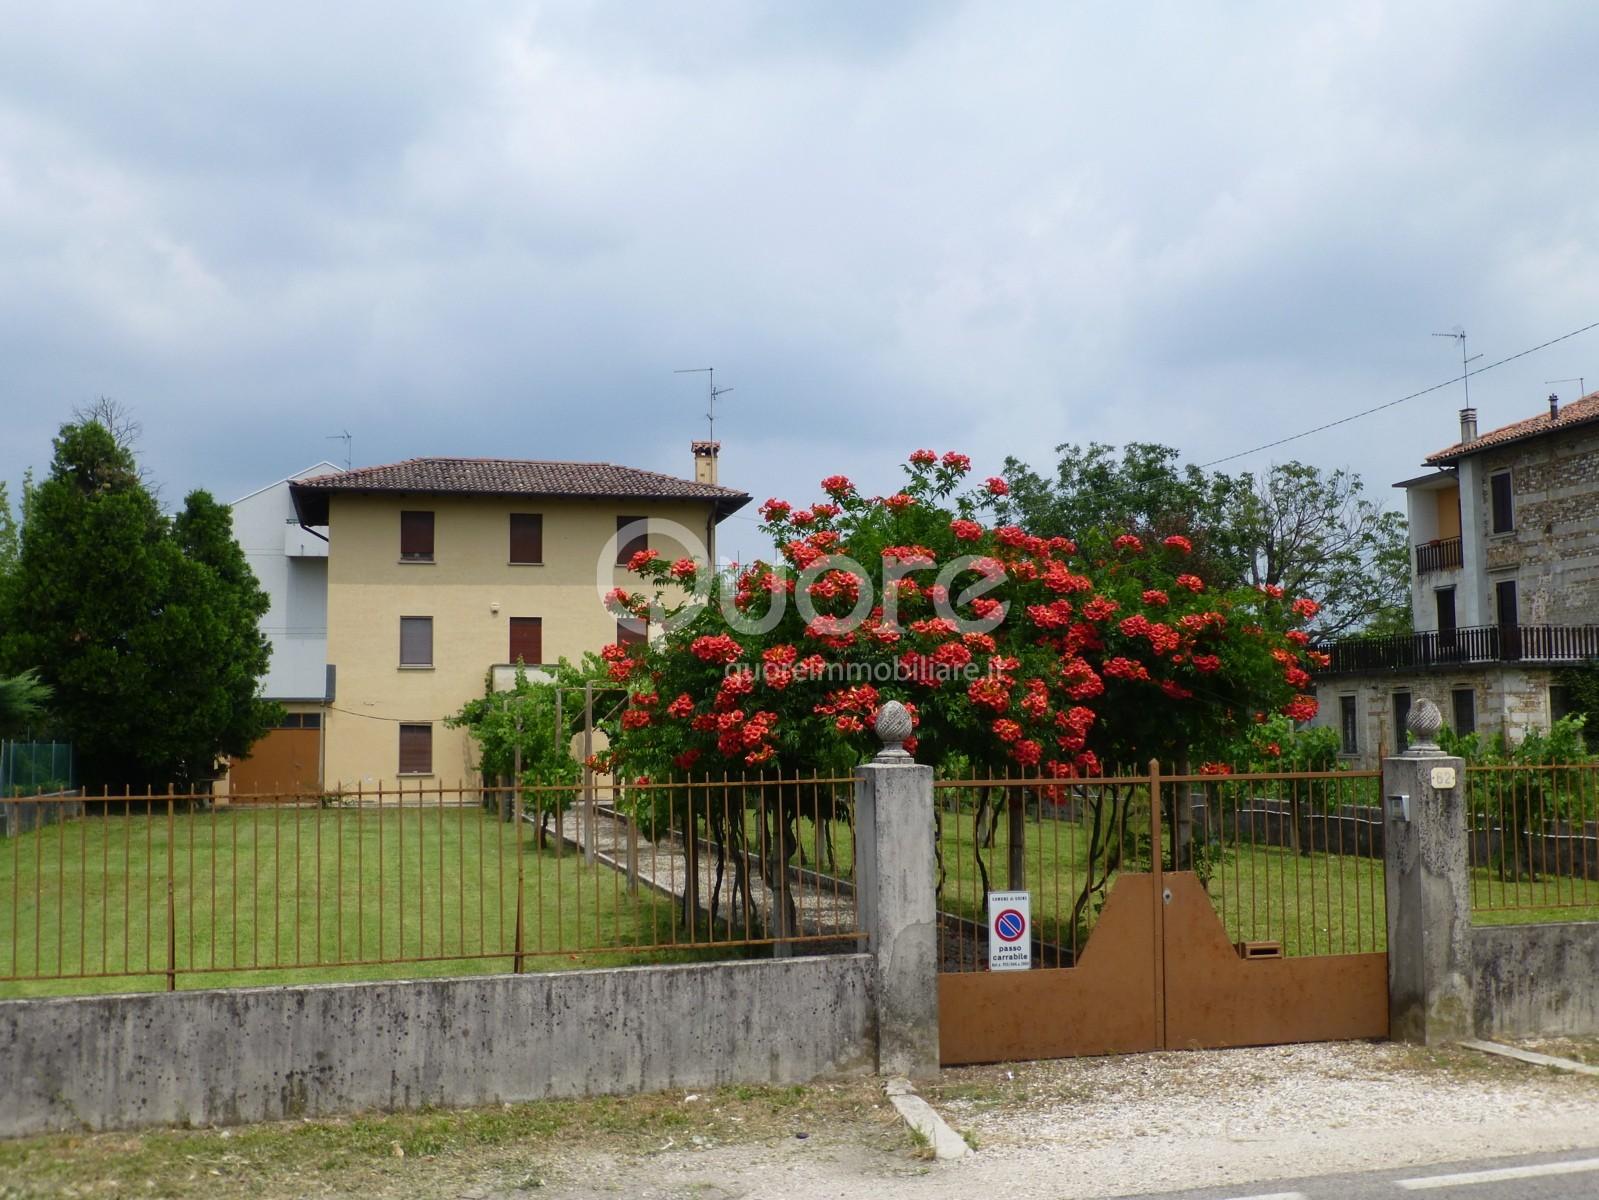 Soluzione Indipendente in vendita a Udine, 10 locali, prezzo € 145.000 | CambioCasa.it